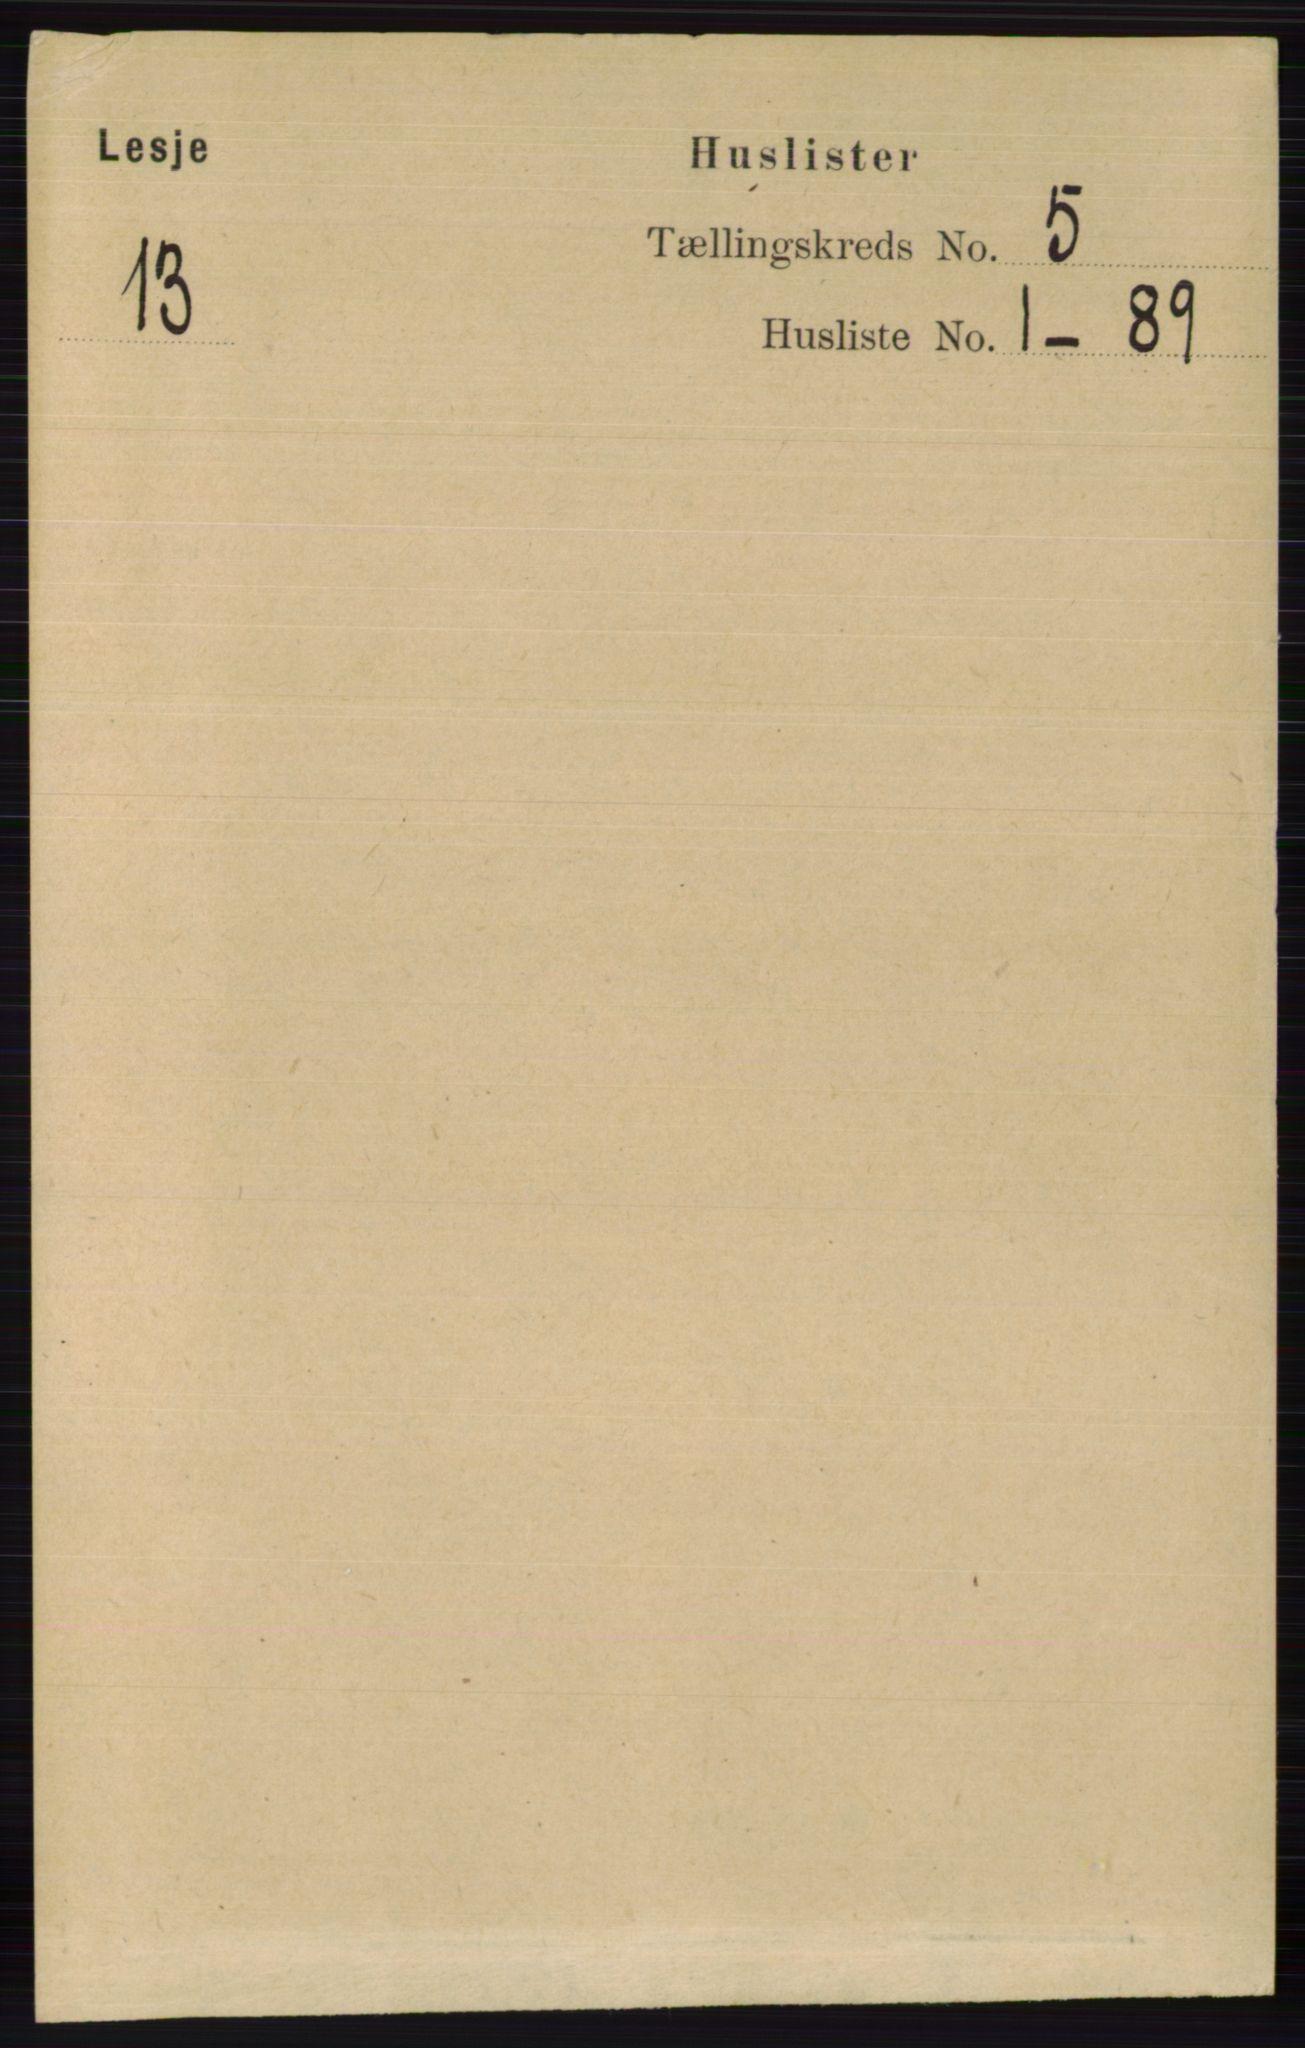 RA, Folketelling 1891 for 0512 Lesja herred, 1891, s. 1588